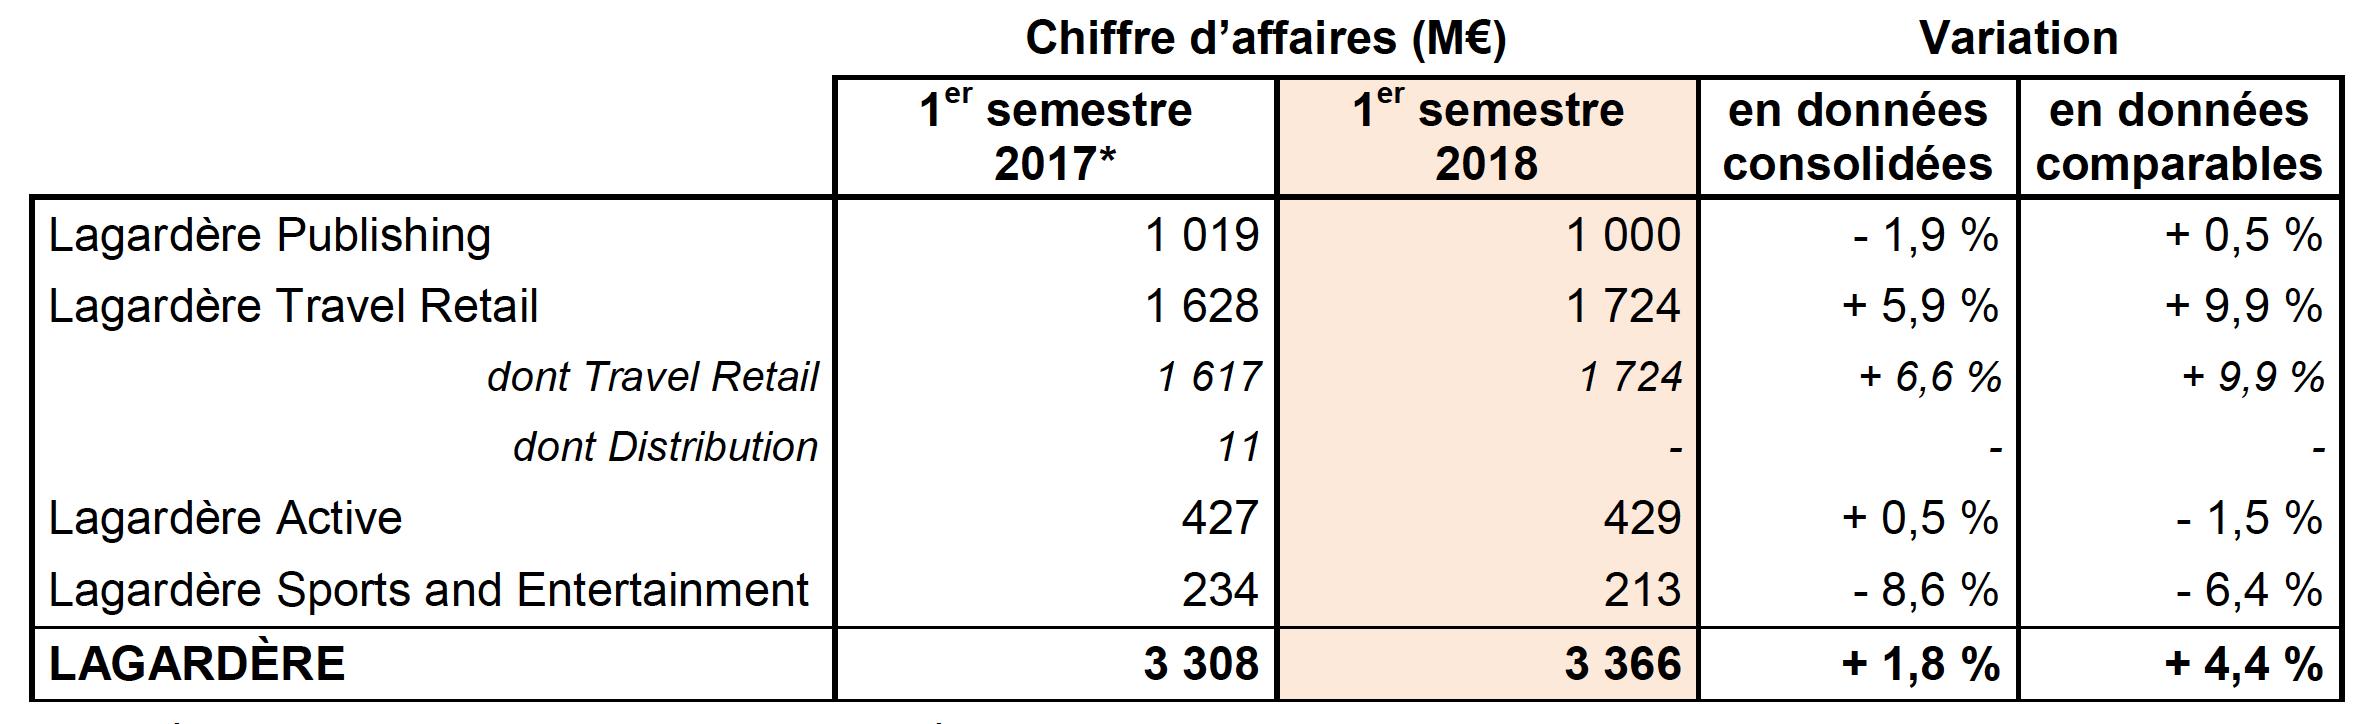 Le chiffre d'affaires du 1er semestre 2018